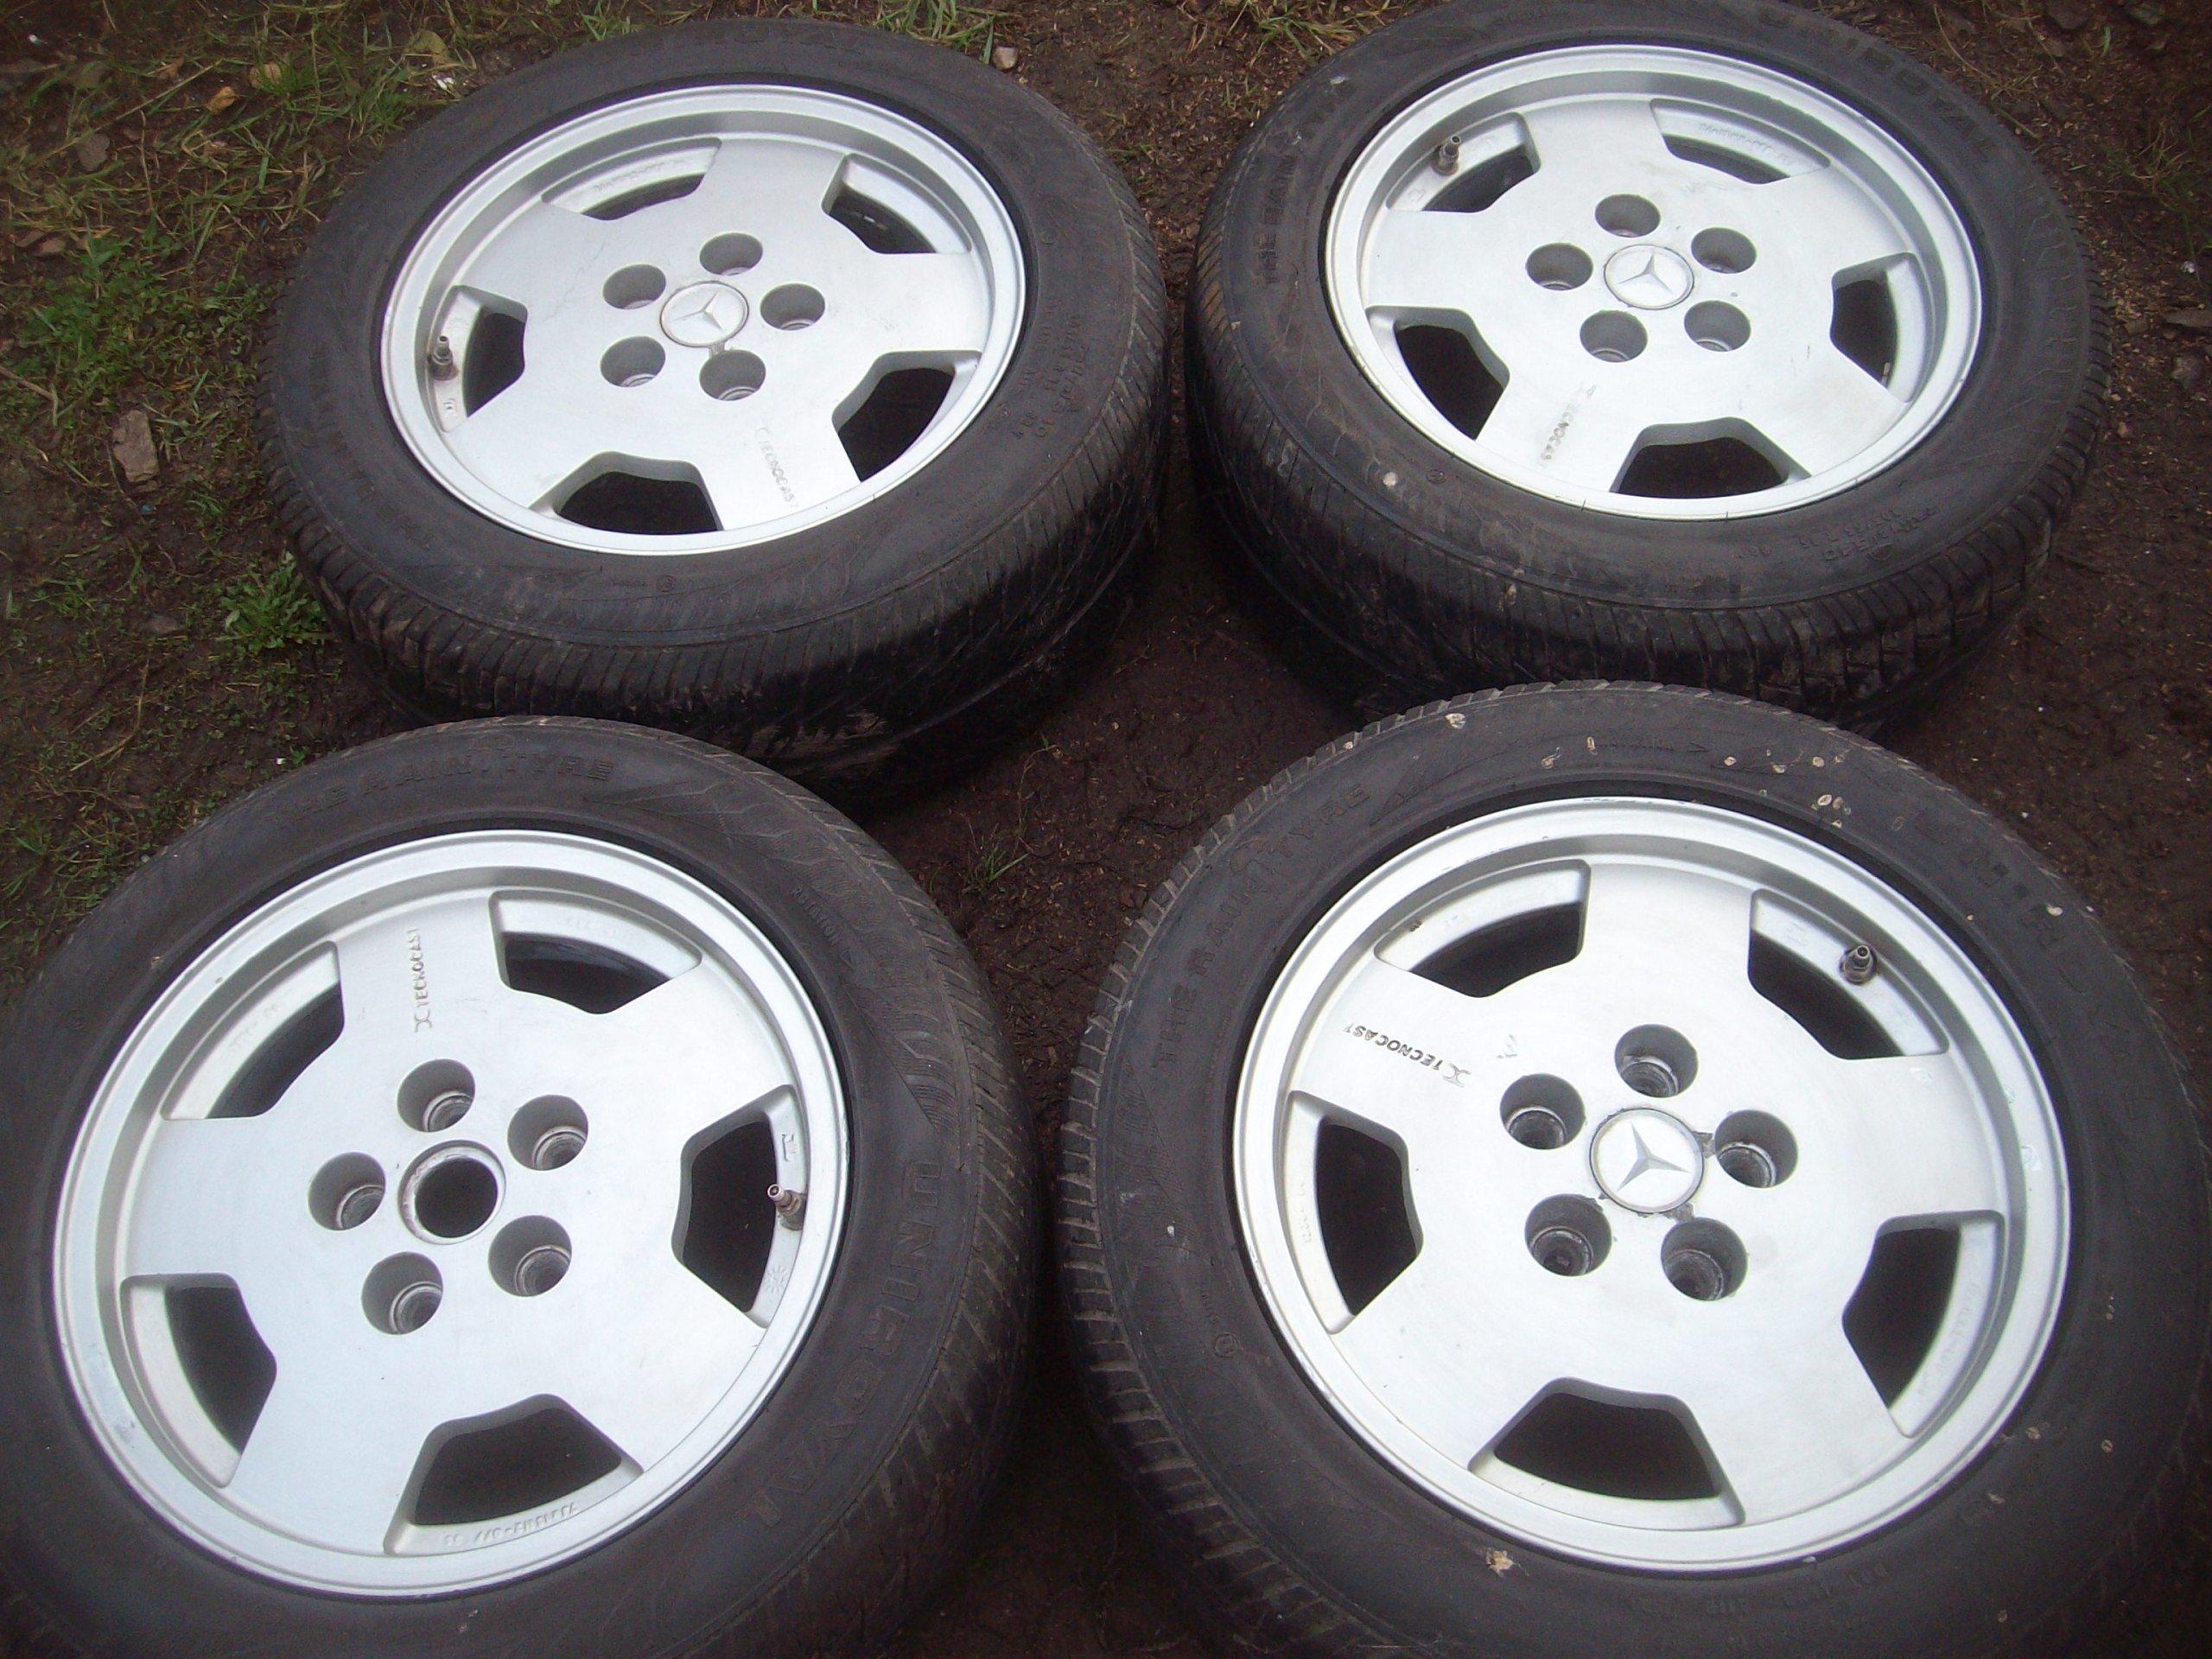 Felgi Aluminiowe 5x112 Mercedes C Klasa W202 Vw T4 7196945964